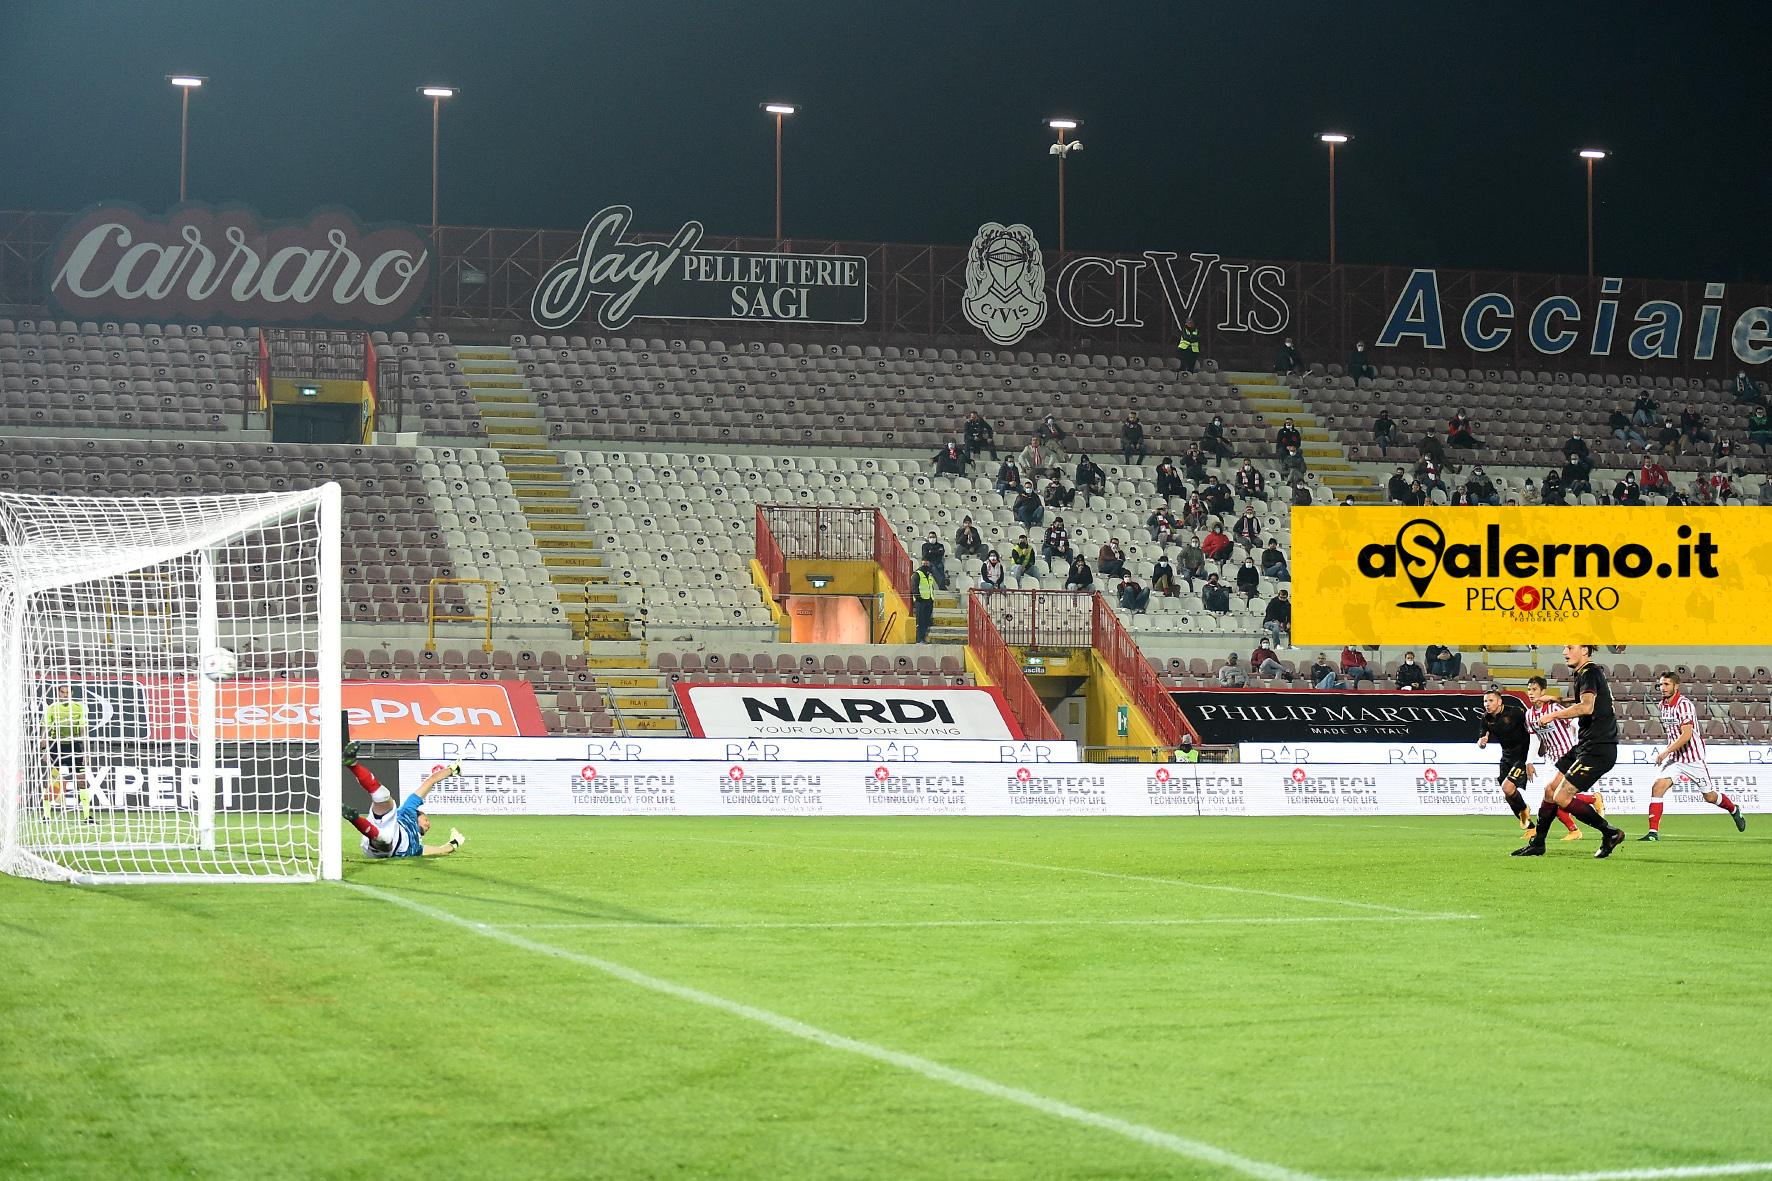 Salernitana di rigore, Vicenza di testa (1-1 pt)